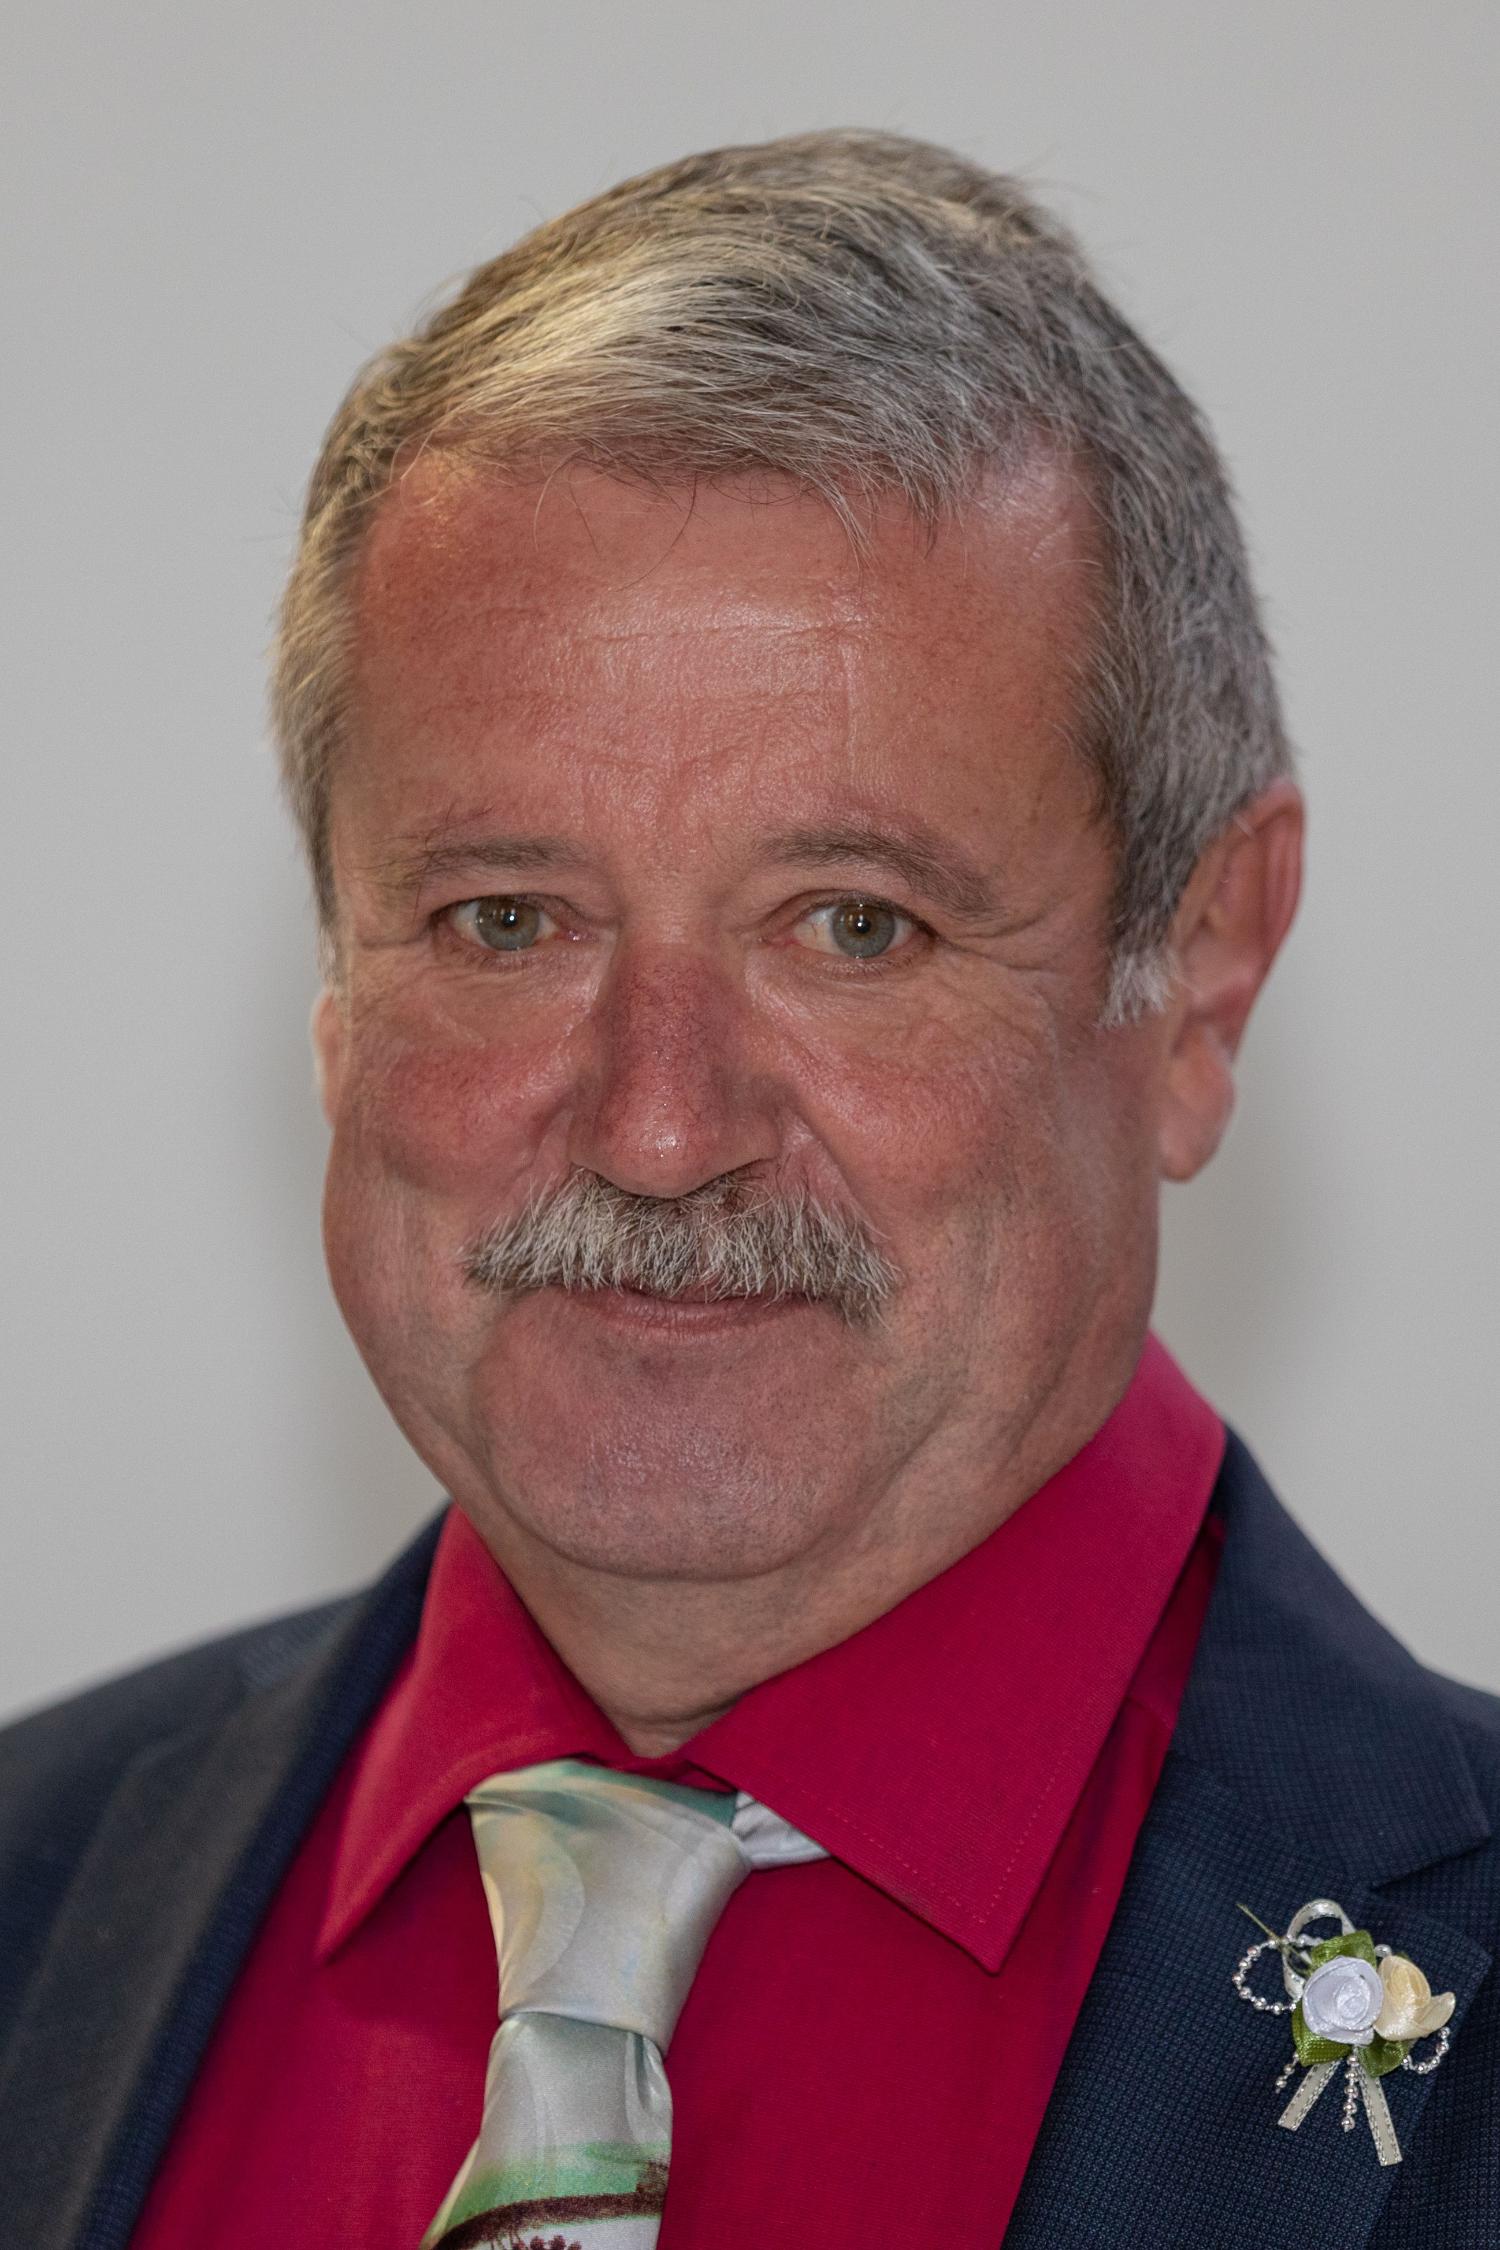 Wilfried Glauber